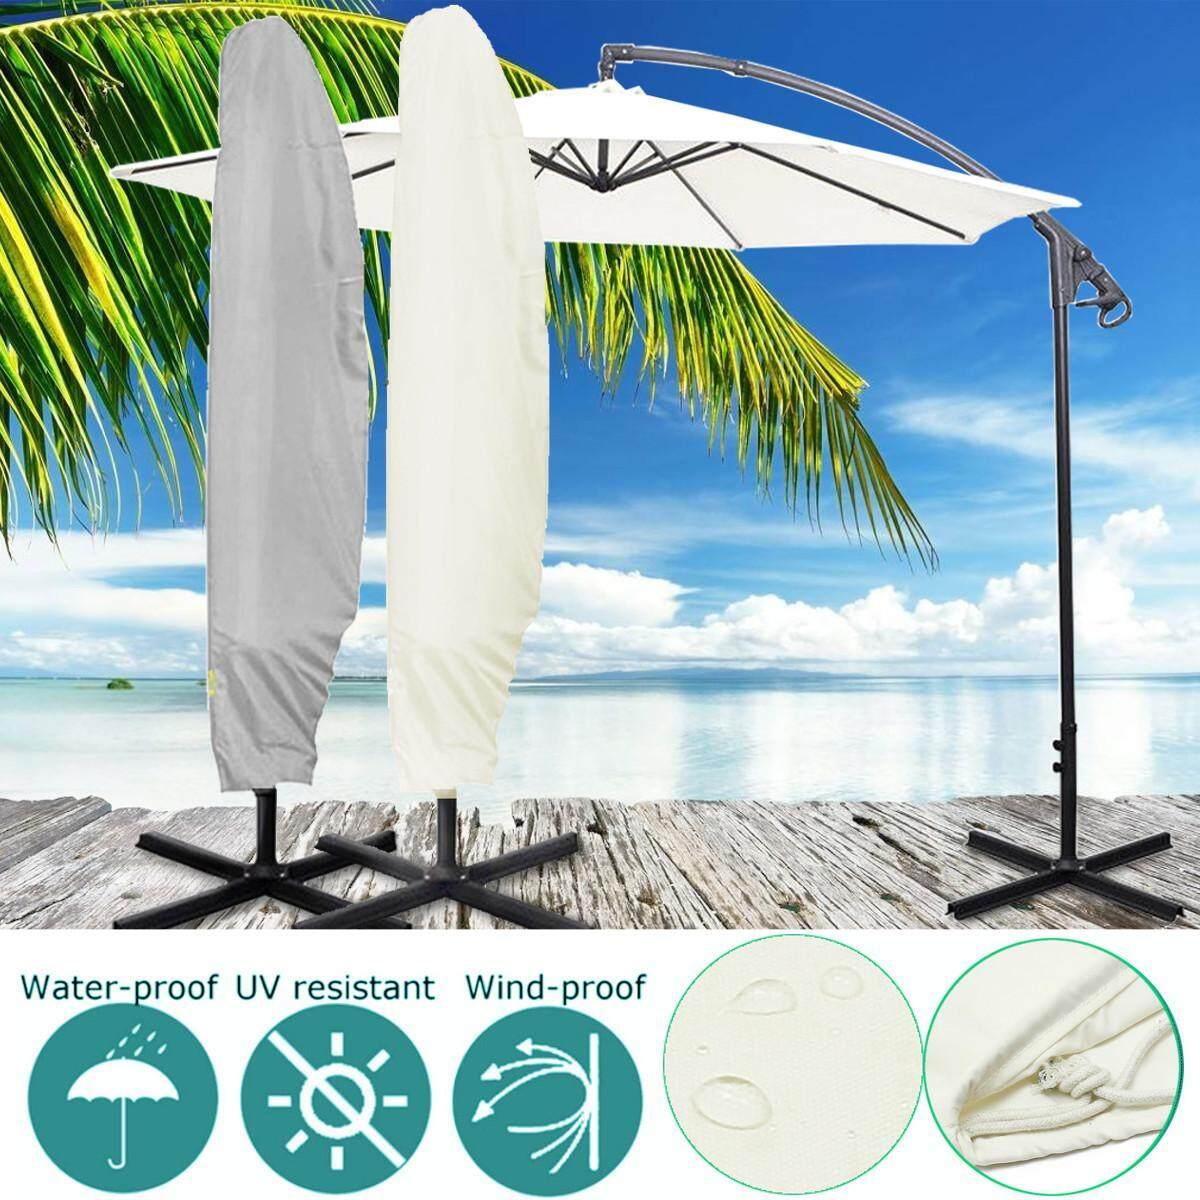 2 Color Outdoor Banana Umbrella Garden Patio Cantilever Parasol Waterproof Cover